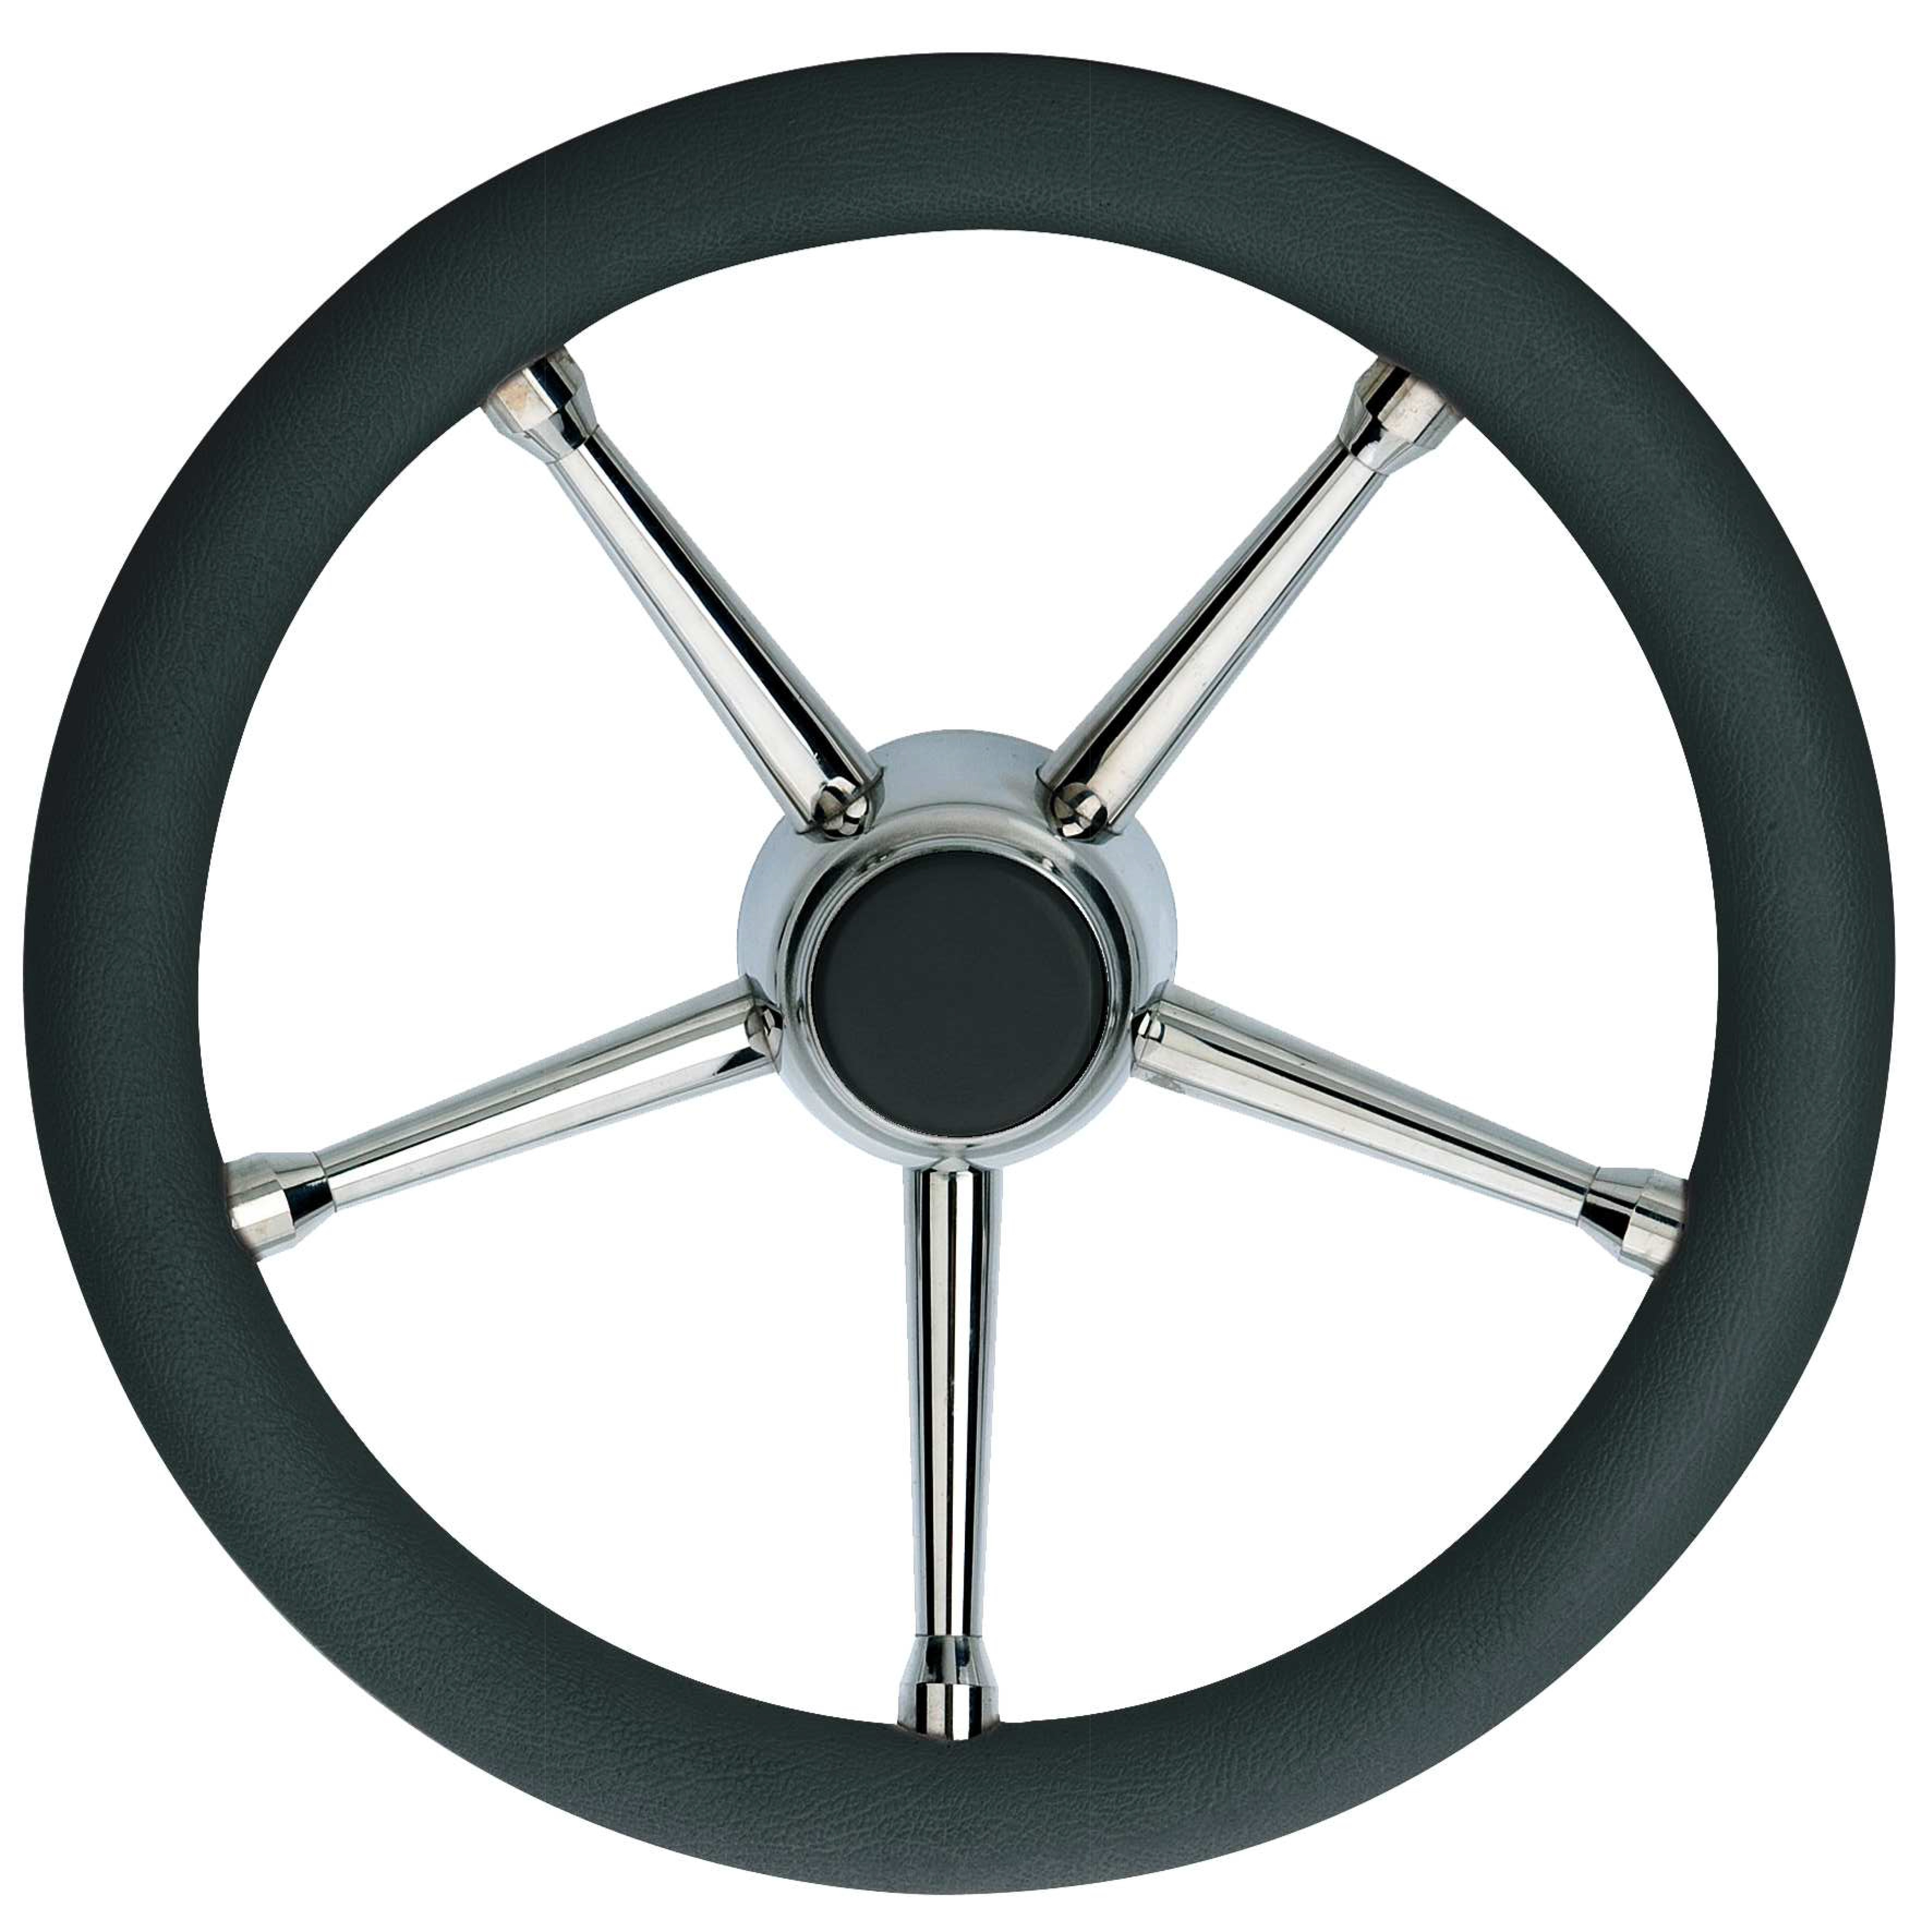 103.07 - Τιμόνι Πολυουρεθάνης Με Inox Ακτίνες Χρώμα Μαύρο Ø350mm